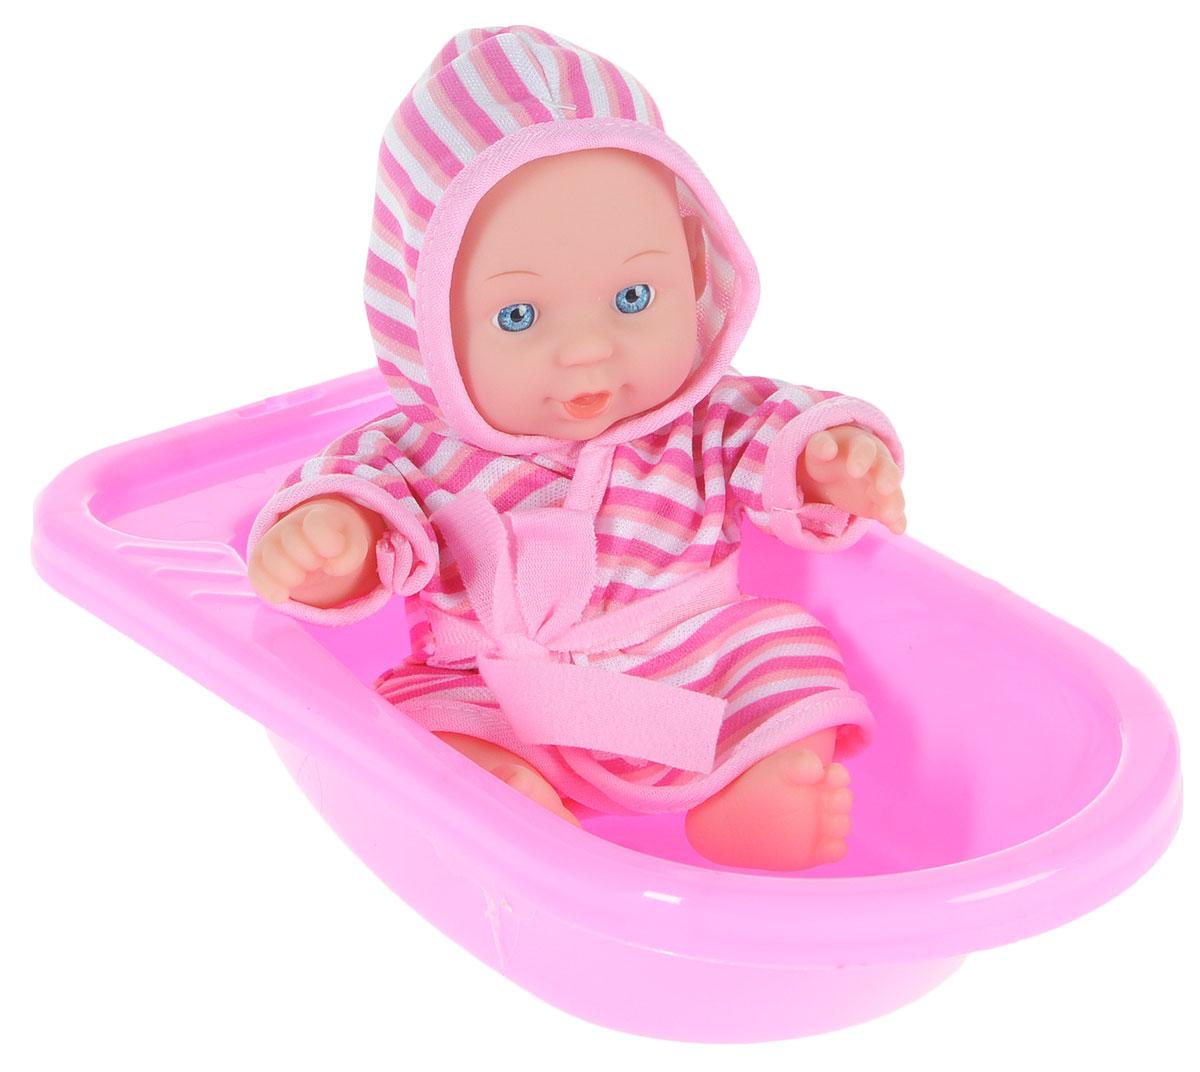 Карапуз Игровой набор с куклой Пупс в ванночке цвет розовый bambolina игровой набор с куклой пупс в ванночке